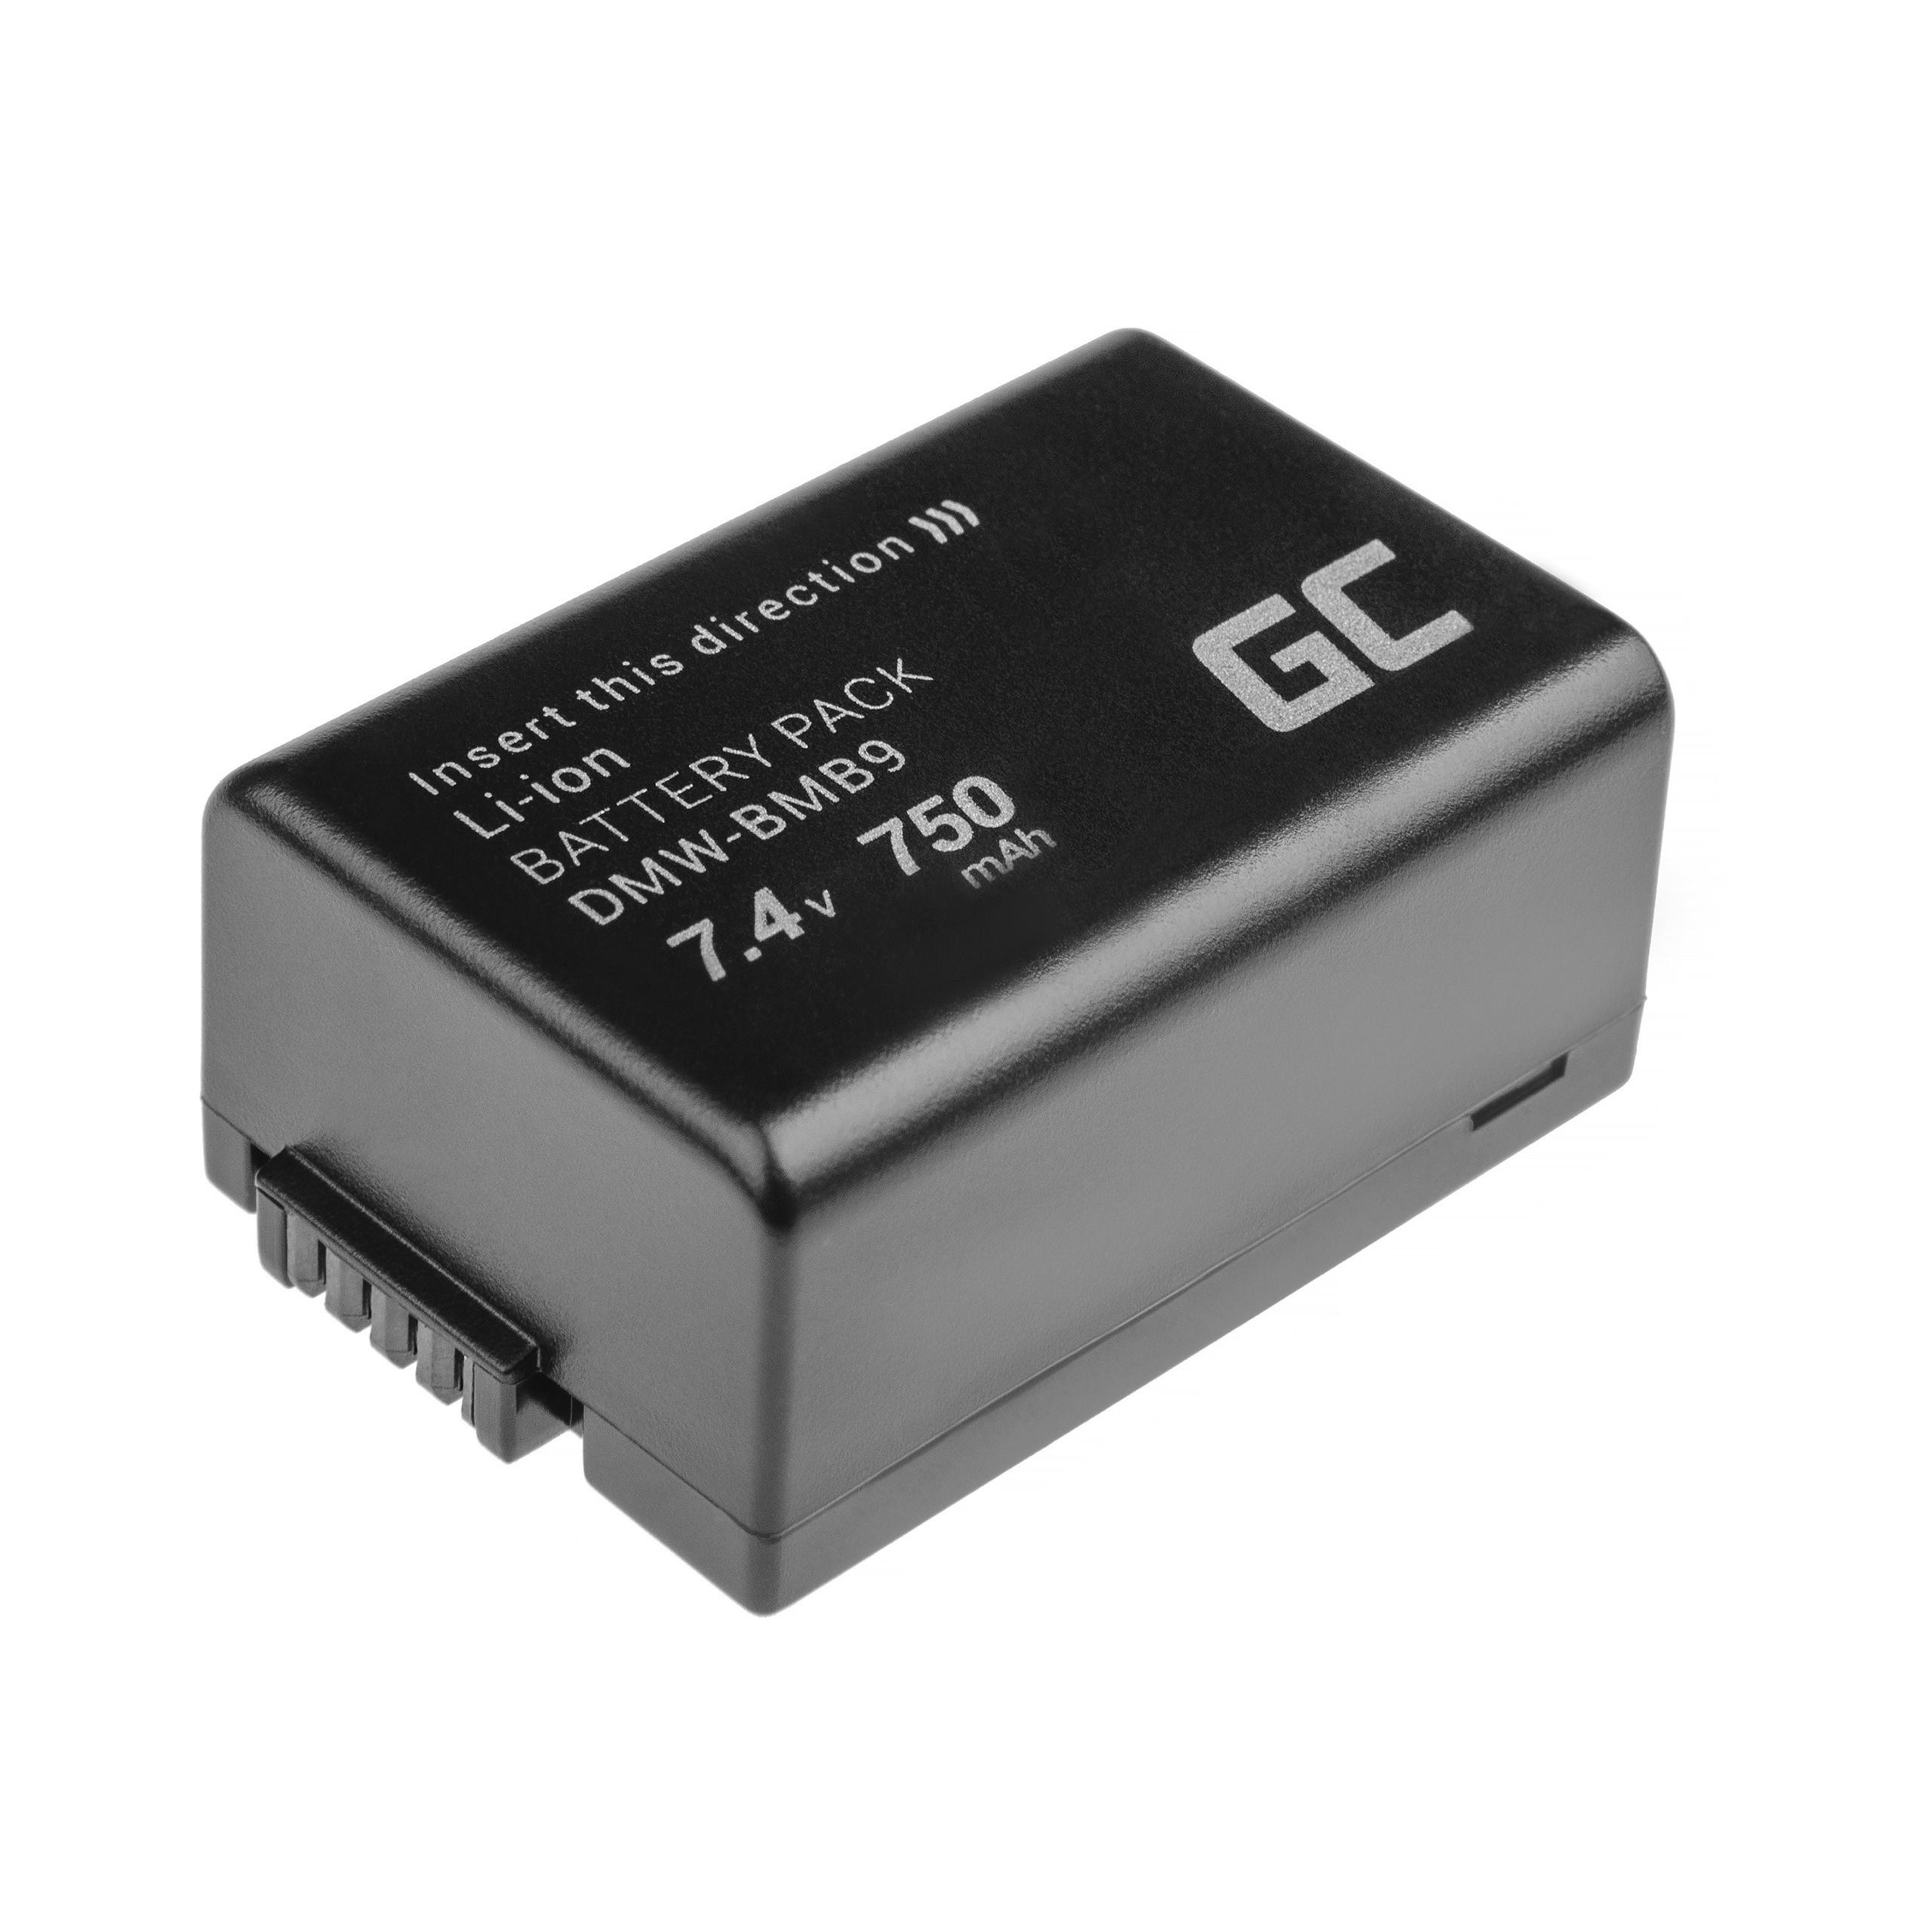 Green Cell Baterie DMW-BMB9 Panasonic Lumix DMC-FZ70, DMC-FZ60, DMC-FZ100, DMC-FZ40, DMC-FZ47, DMC-FZ150 7.4V 750mAh